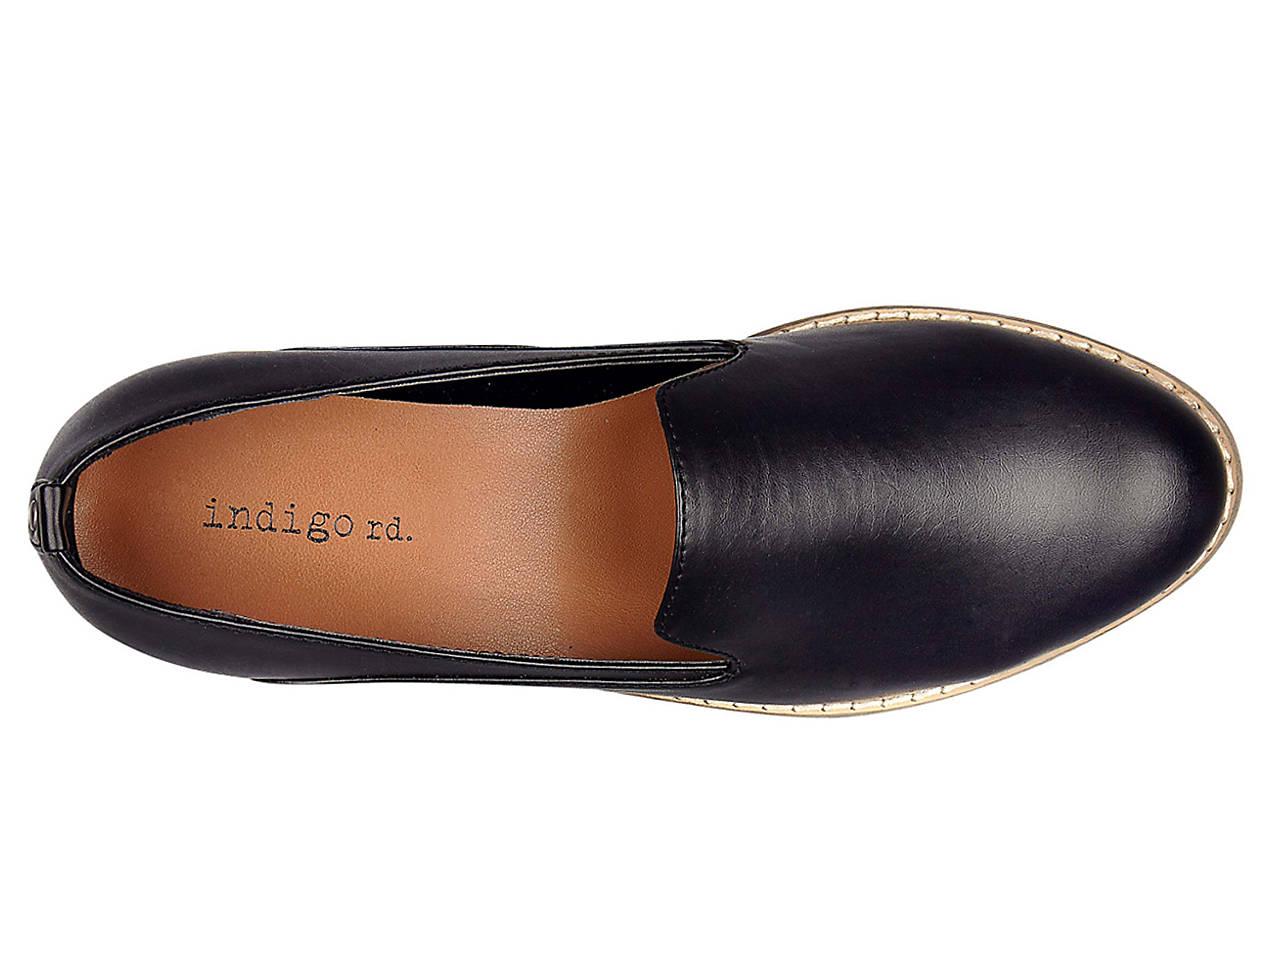 702912e3333 Indigo Rd. Hestley Loafer Women s Shoes